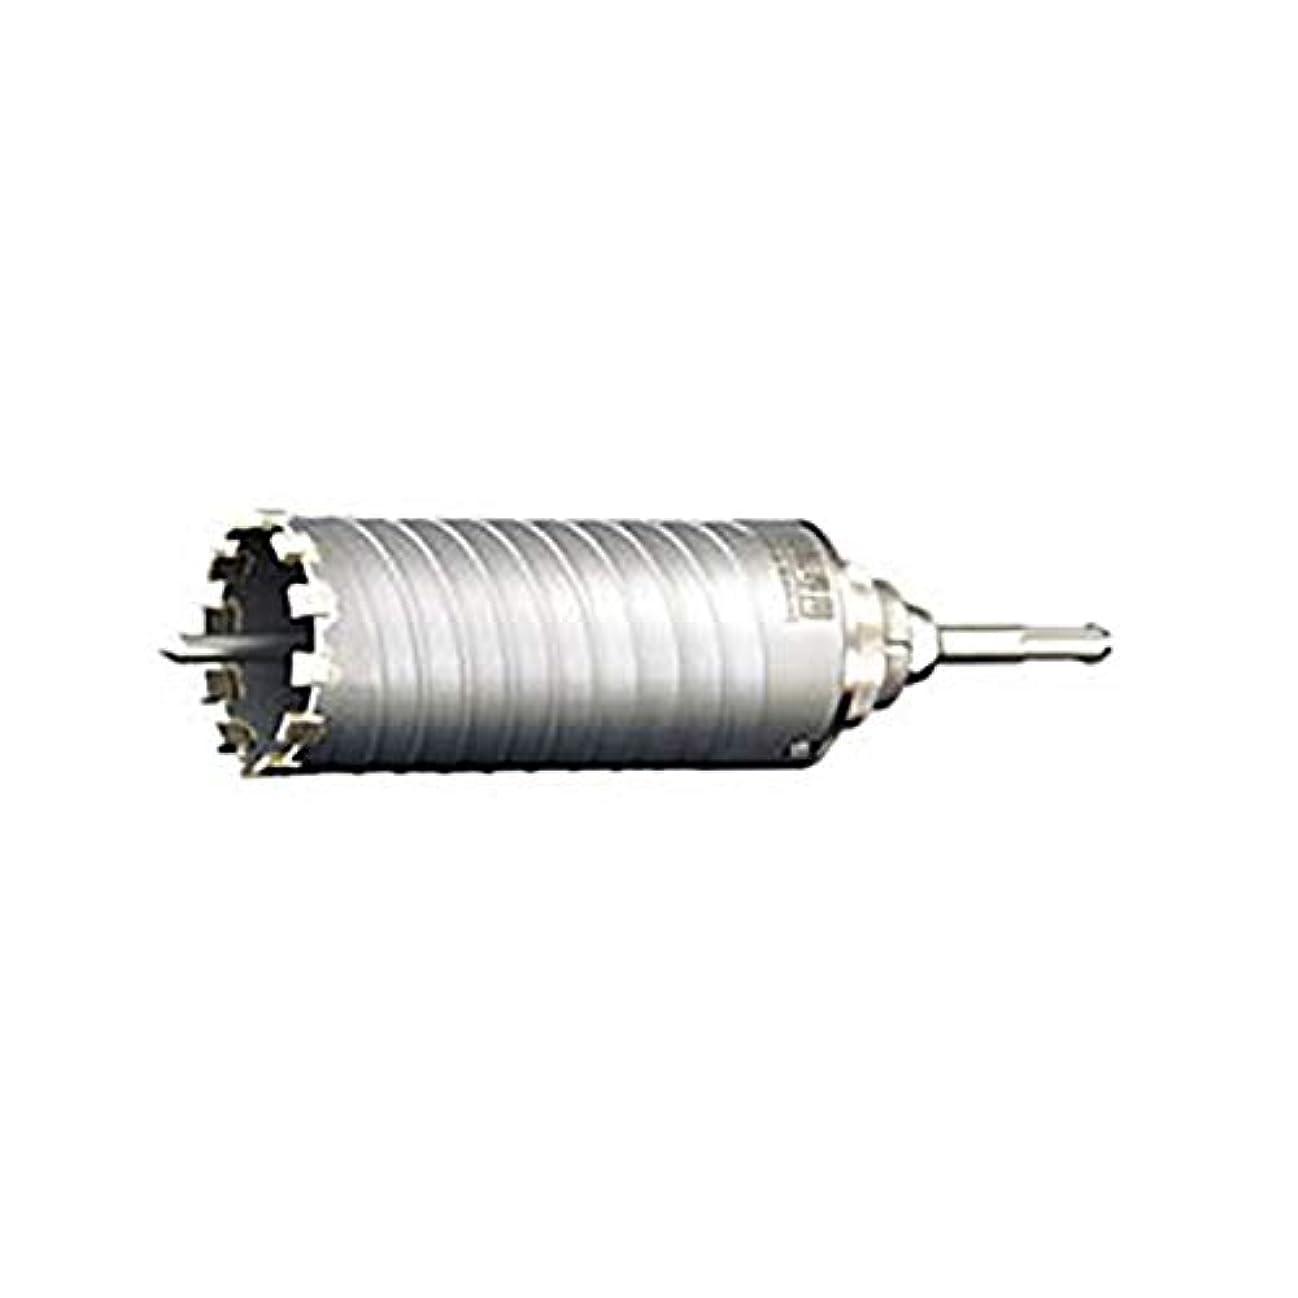 ダイヤモンドセーター導出多機能コアドリル 乾式ダイヤ UR21-Dセット ボディ+ドリル+SDSシャンク 口径 160mm UR21-D160SD 鉄筋コンクリート モルタル 回転専用 ユニカ 三冨D